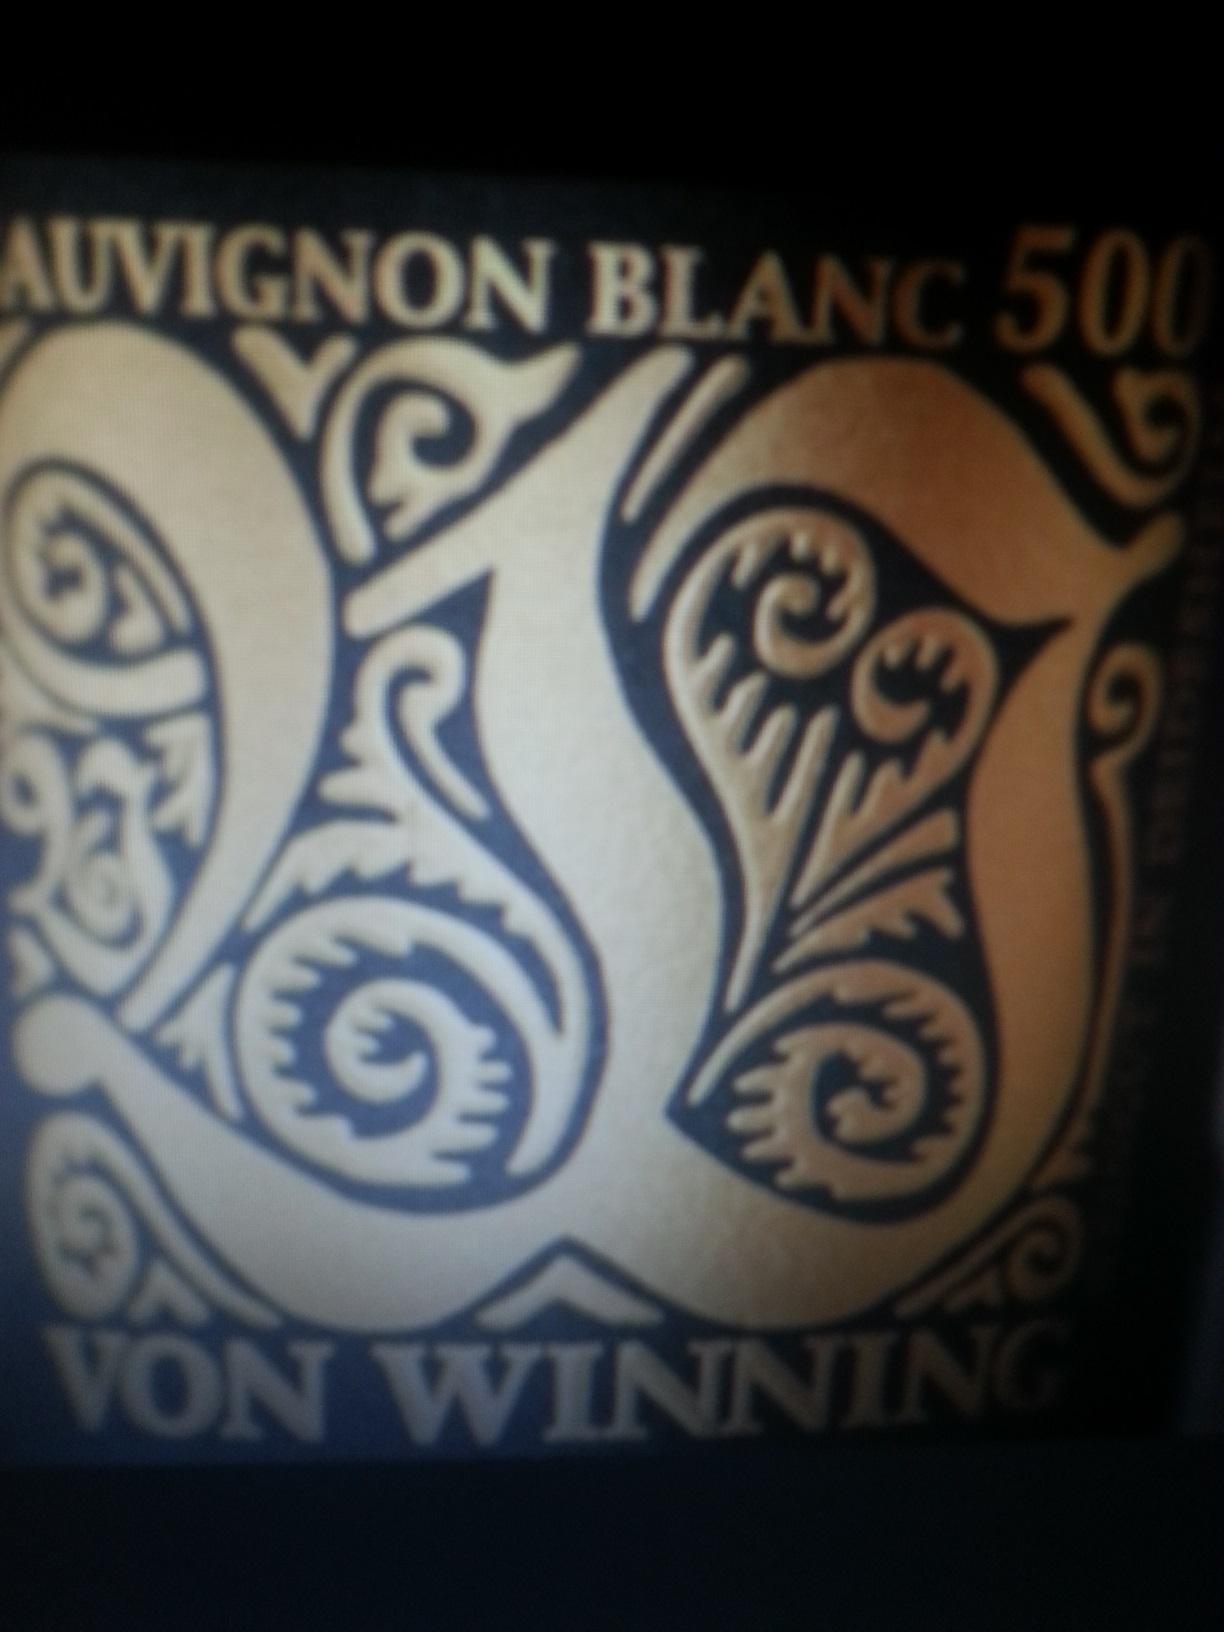 2011 Sauvignon Blanc 500 | von Winning